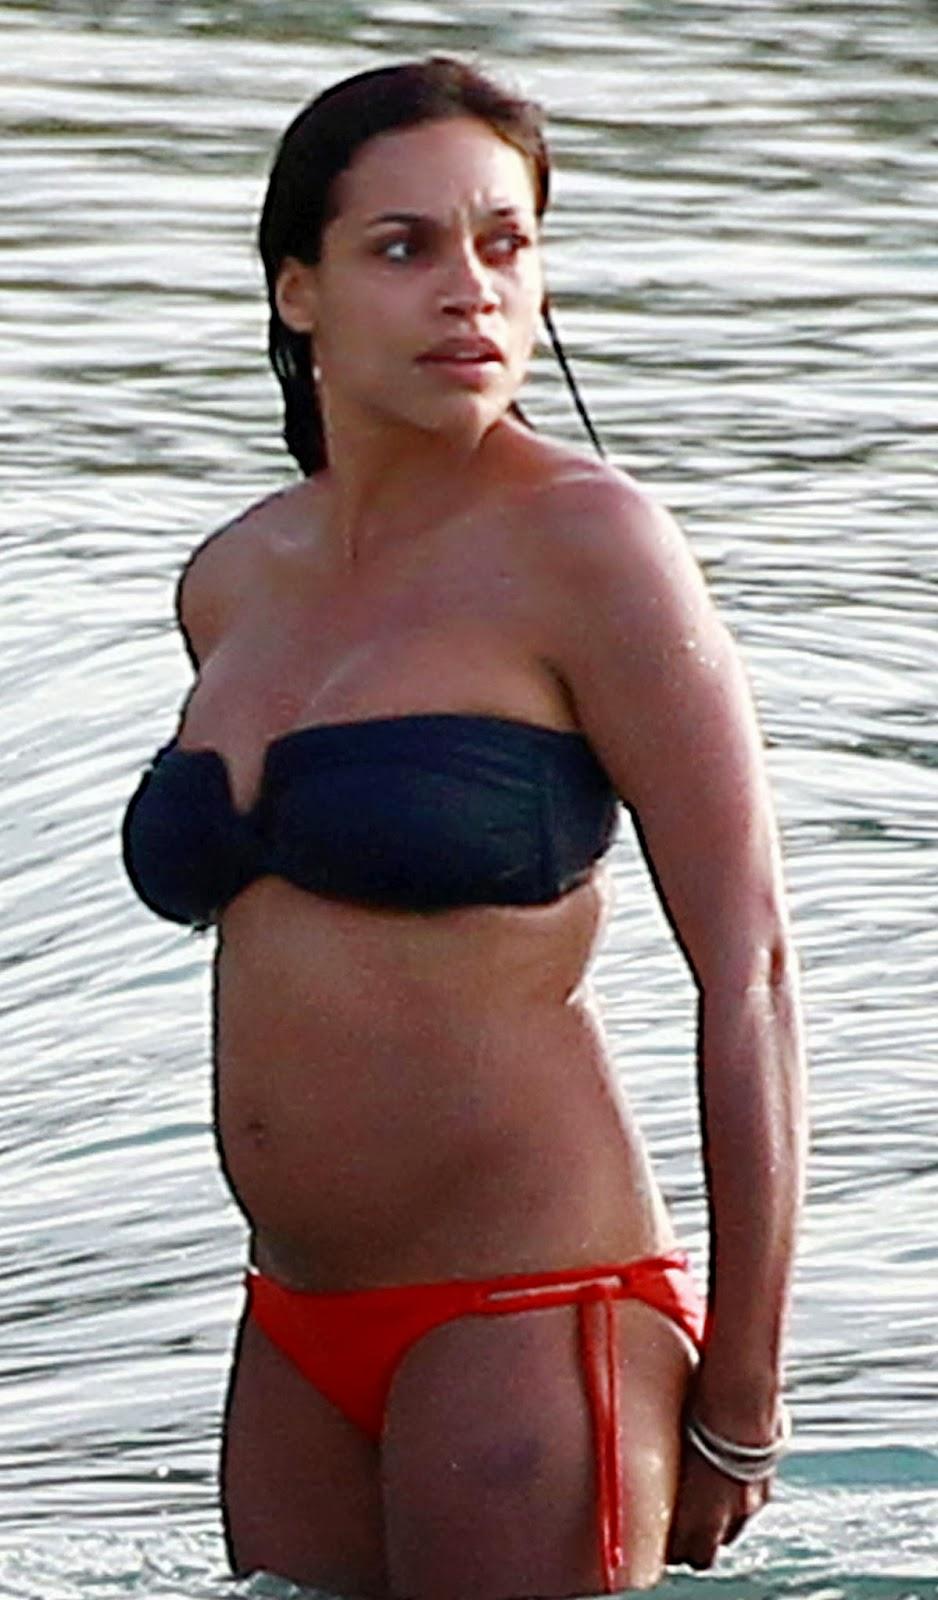 Hot Rosario Dawson nudes (74 photo), Tits, Bikini, Instagram, butt 2015